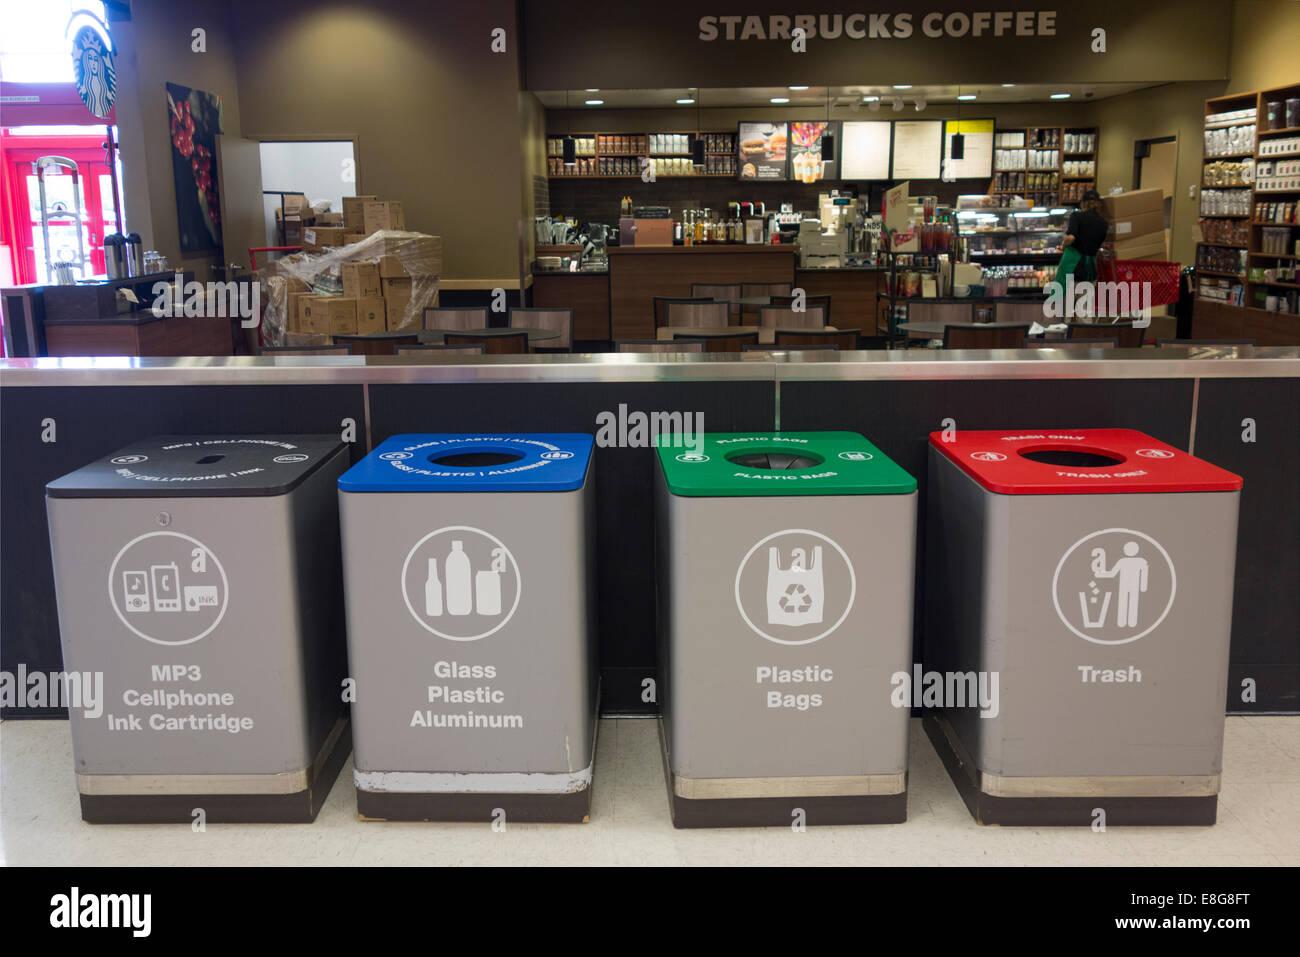 Starbucks stock options for employees